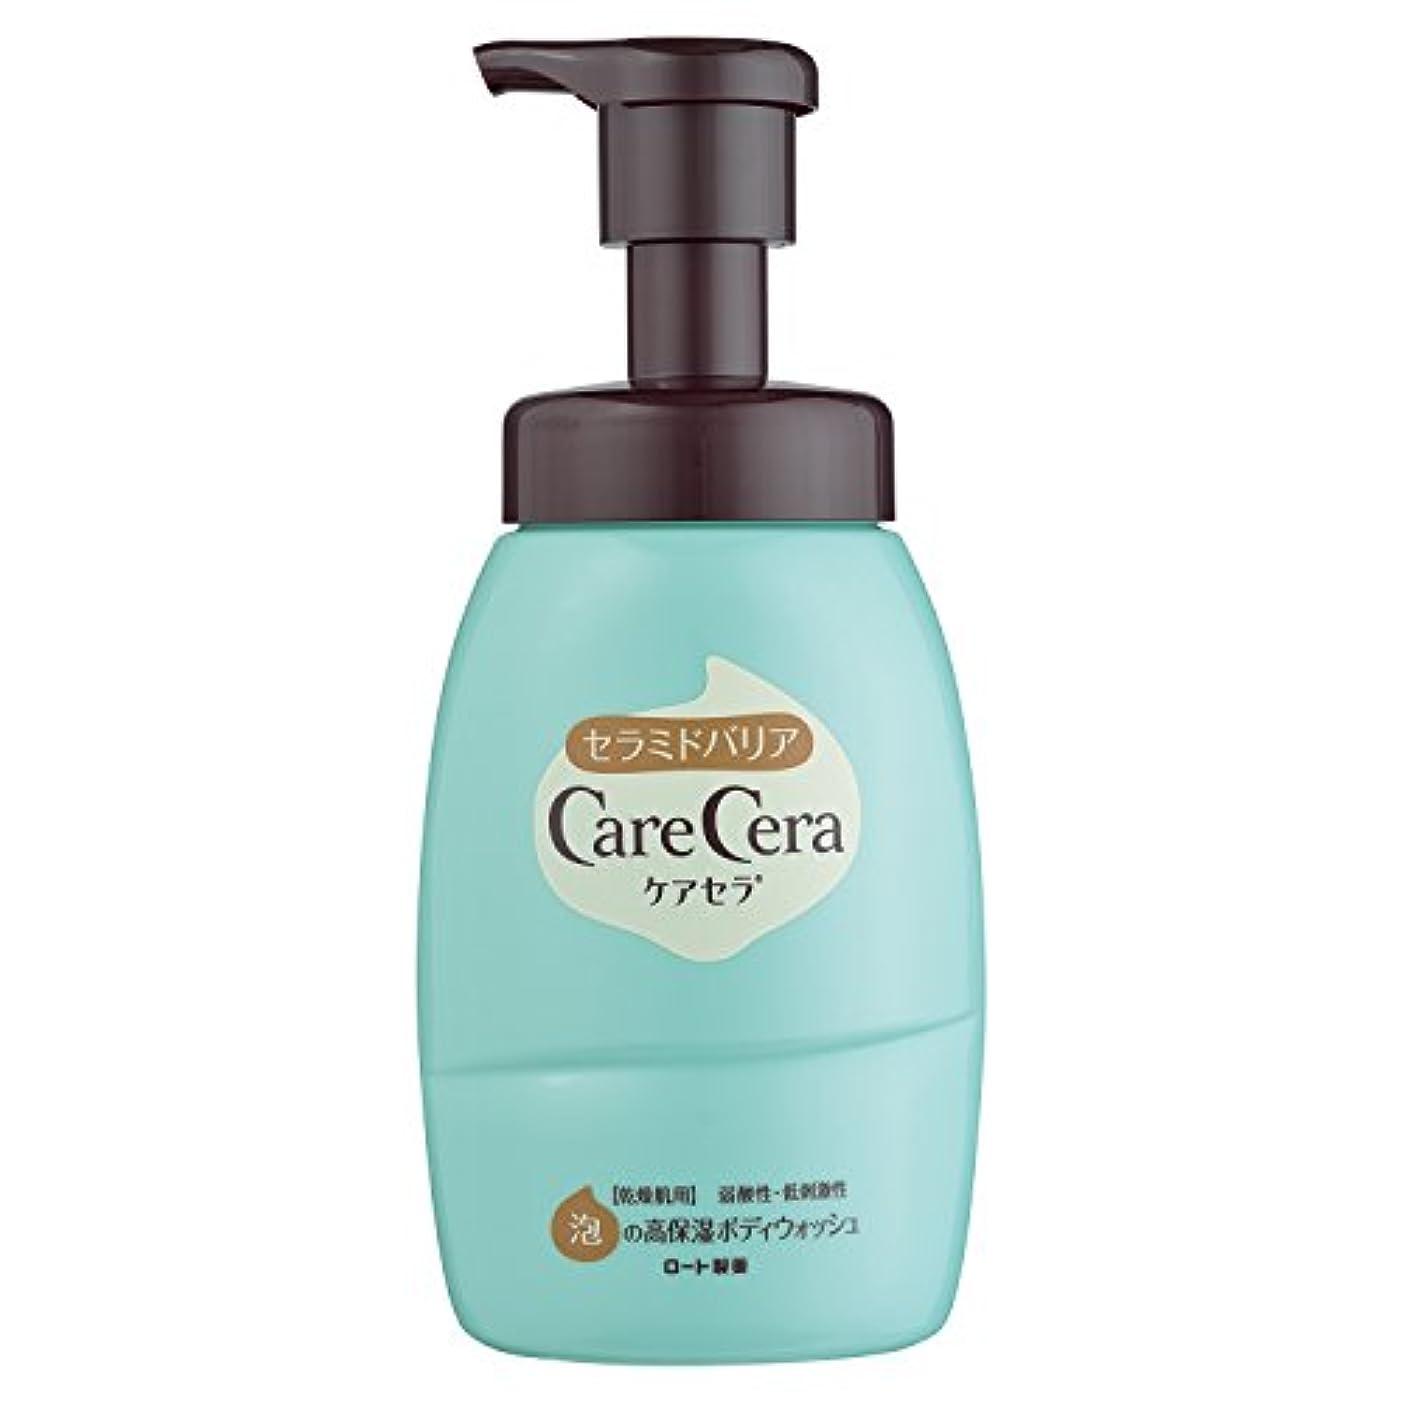 生命体ビルダー緩やかなロート製薬 ケアセラ 天然型セラミド7種配合 セラミド濃度10倍泡の高保湿 全身ボディウォッシュ ピュアフローラルの香り 450mL